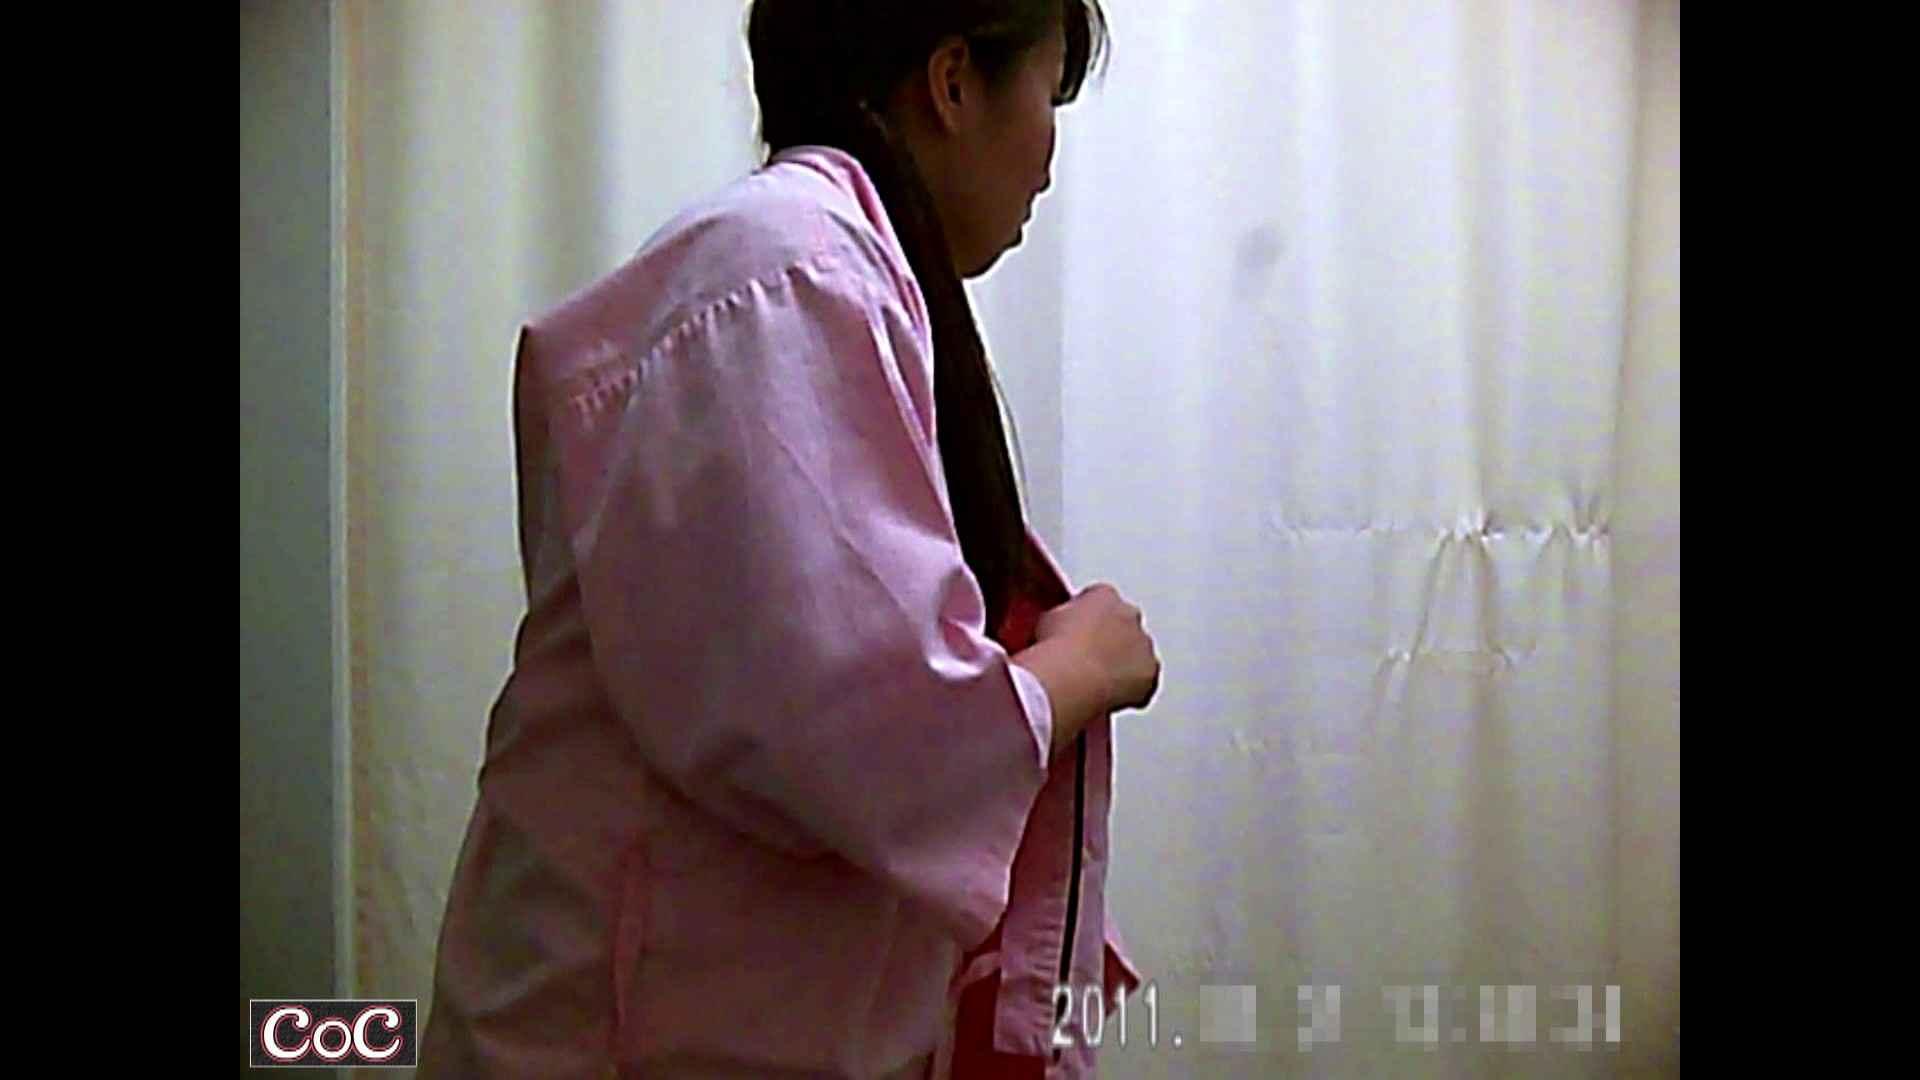 病院おもいっきり着替え! vol.19 着替え 盗撮オマンコ無修正動画無料 61連発 52